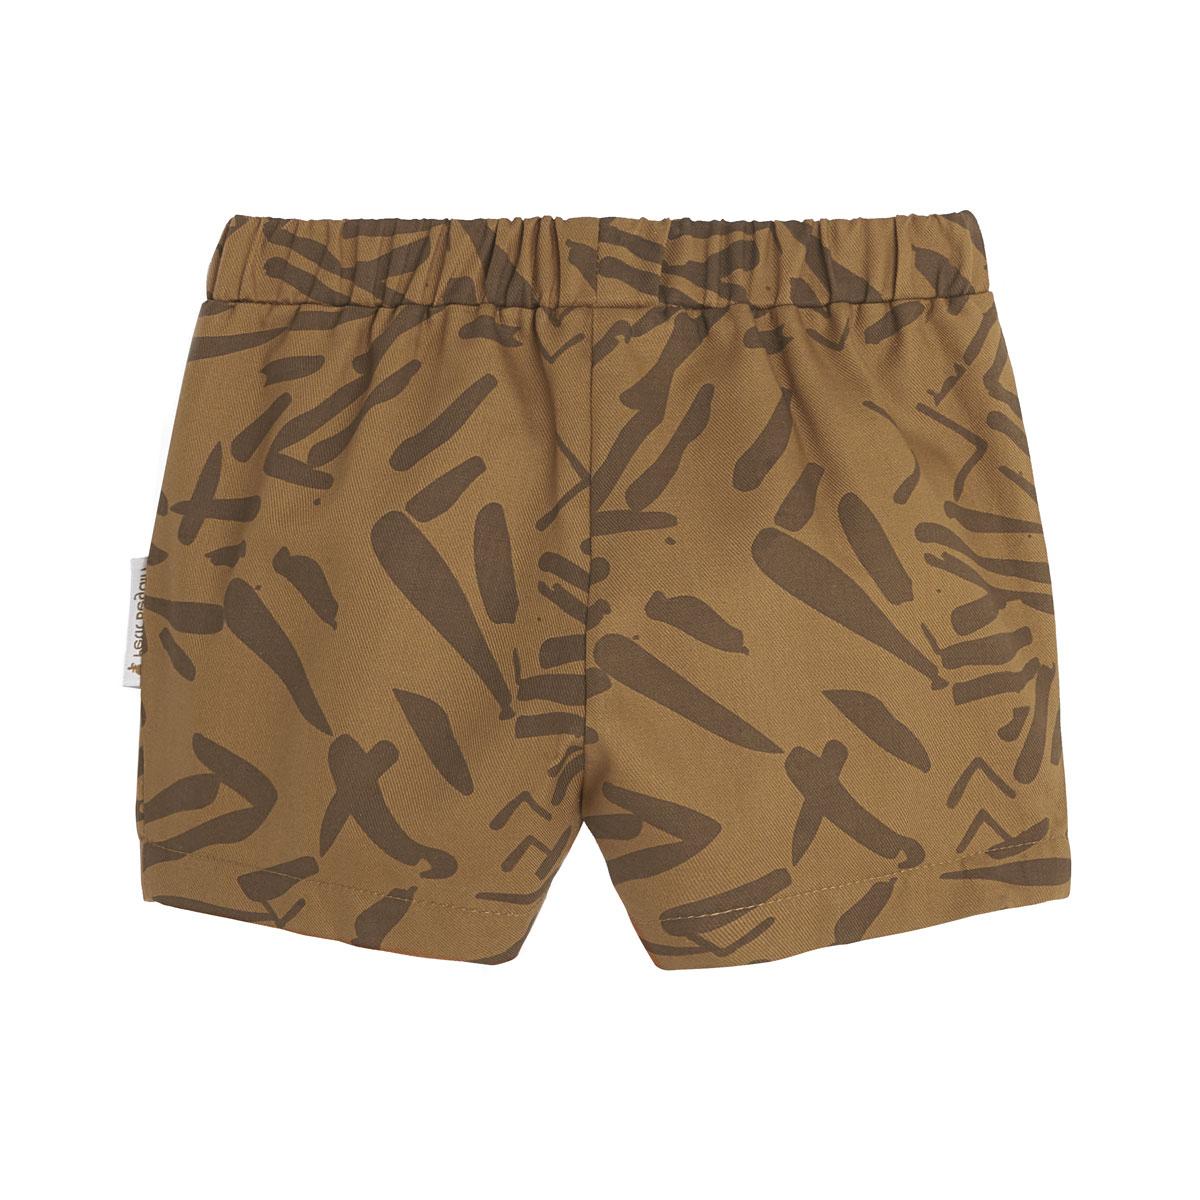 Ensemble bébé garçon t-shirt contenant du coton bio + short Wild Safari bas dos